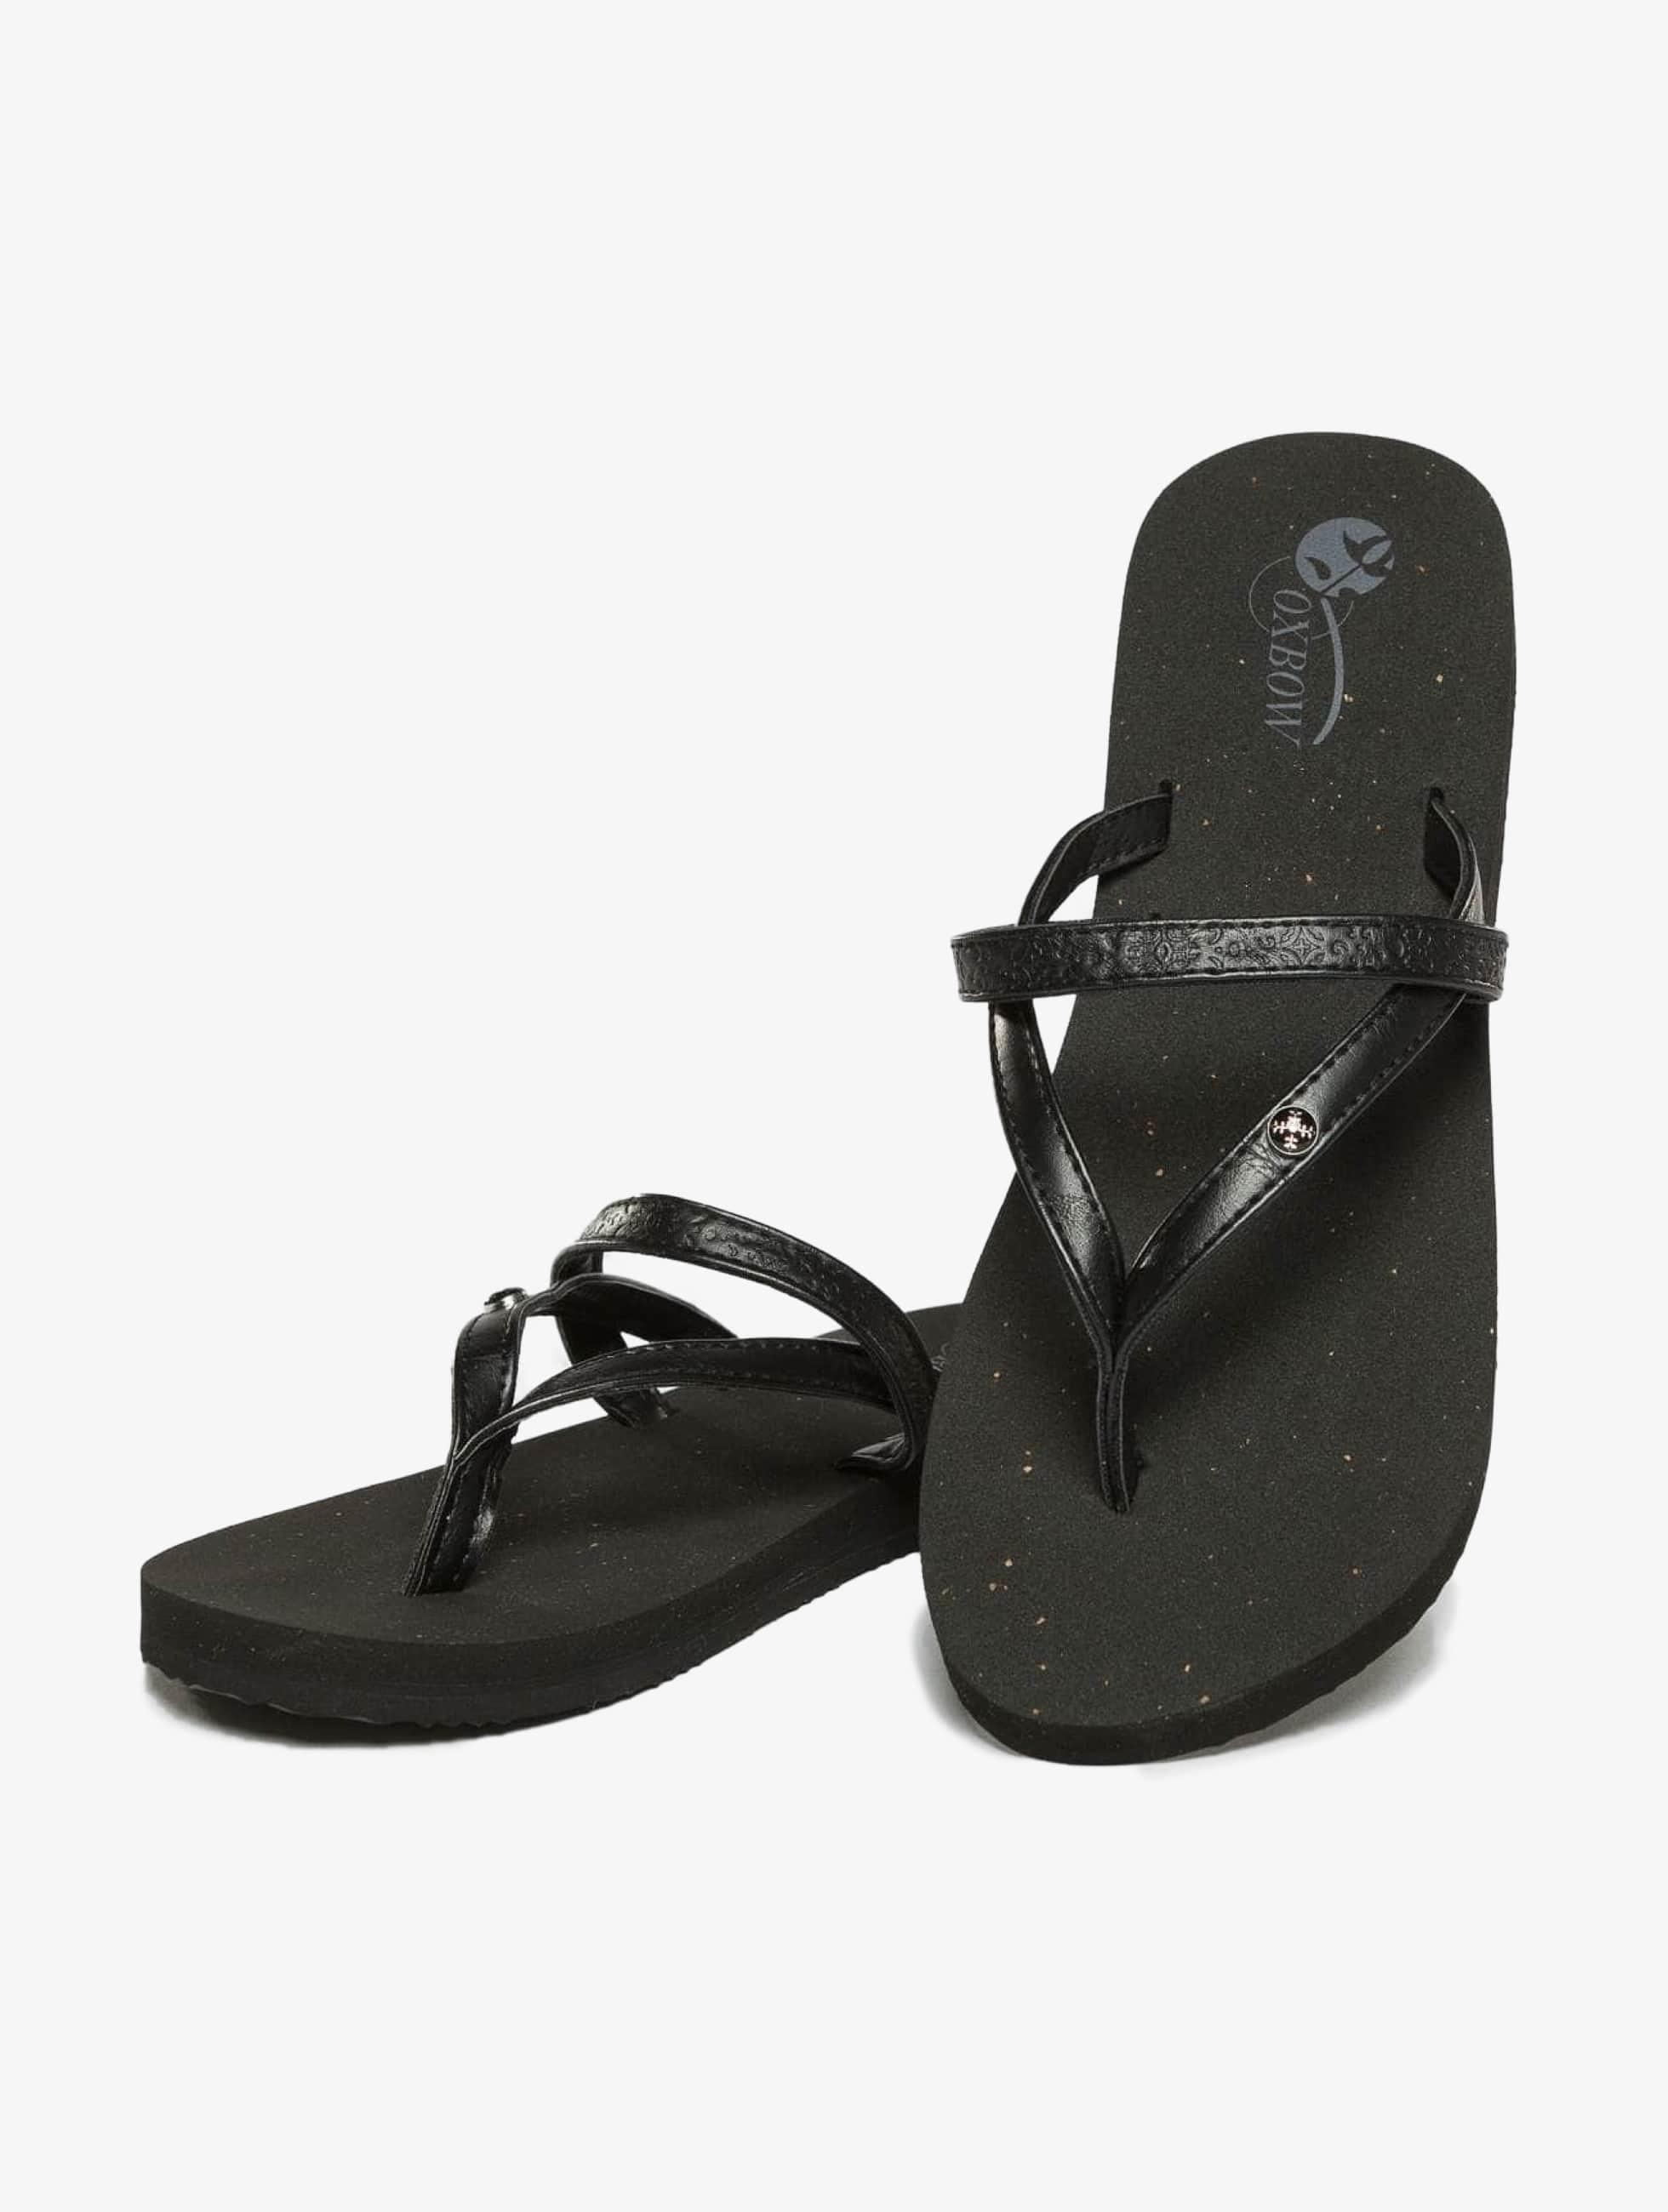 Oxbow Sandals Voncello Wedge EVA black